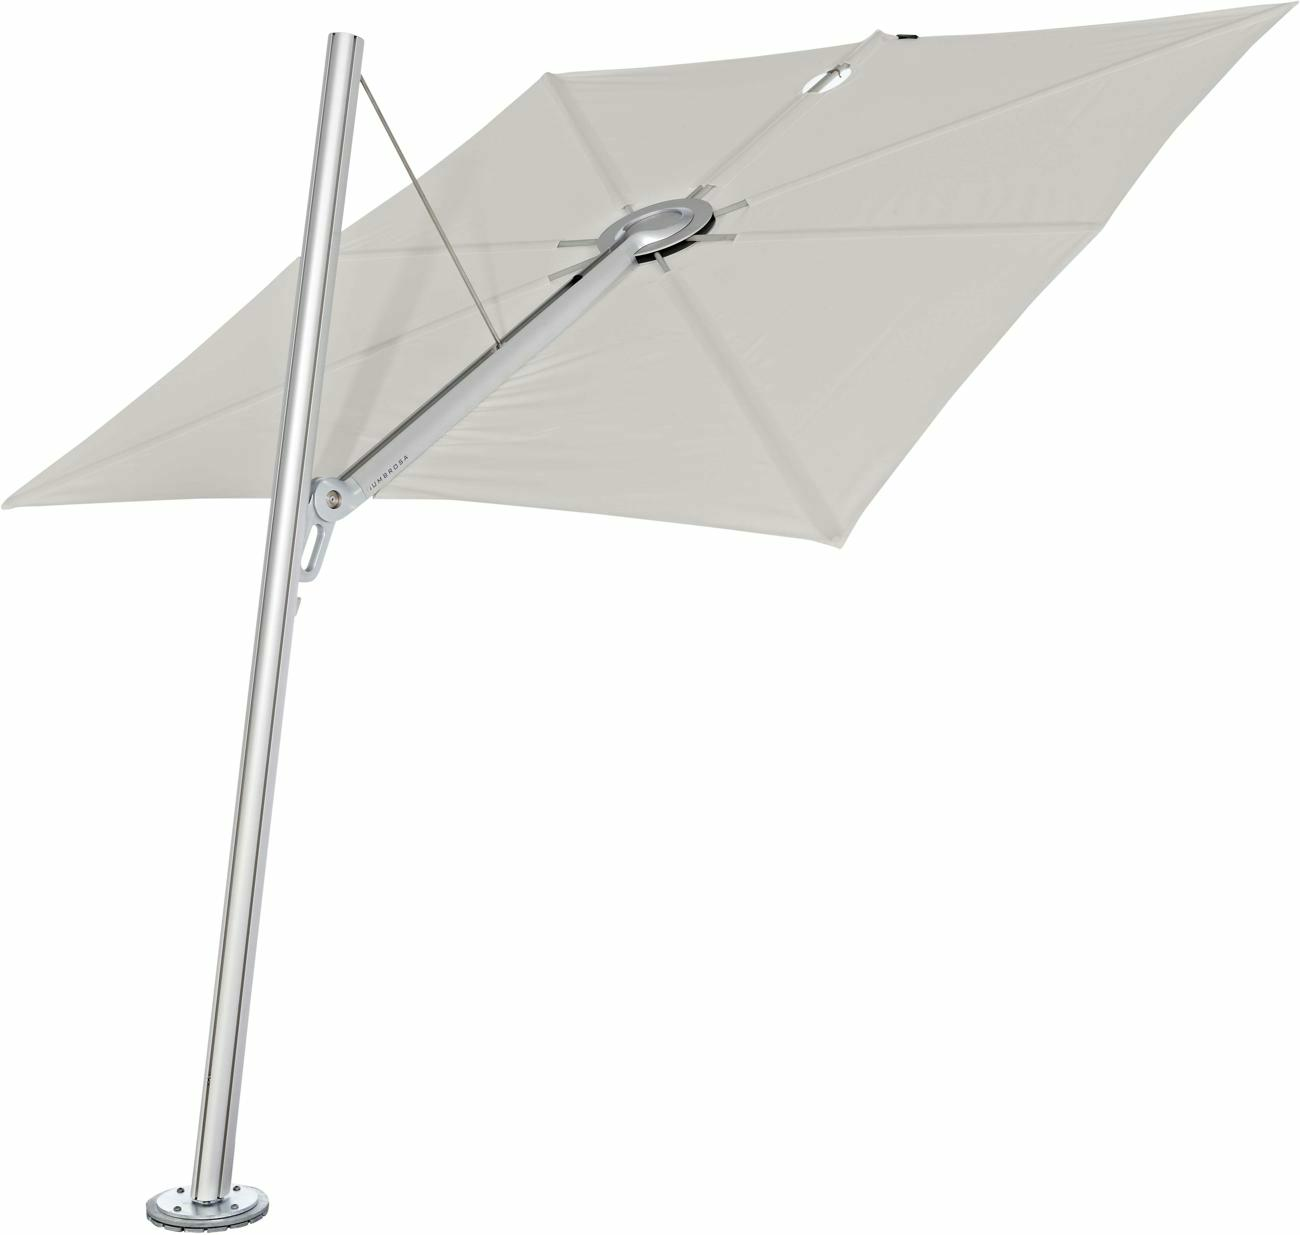 Spectra cantilever umbrella forward 80°